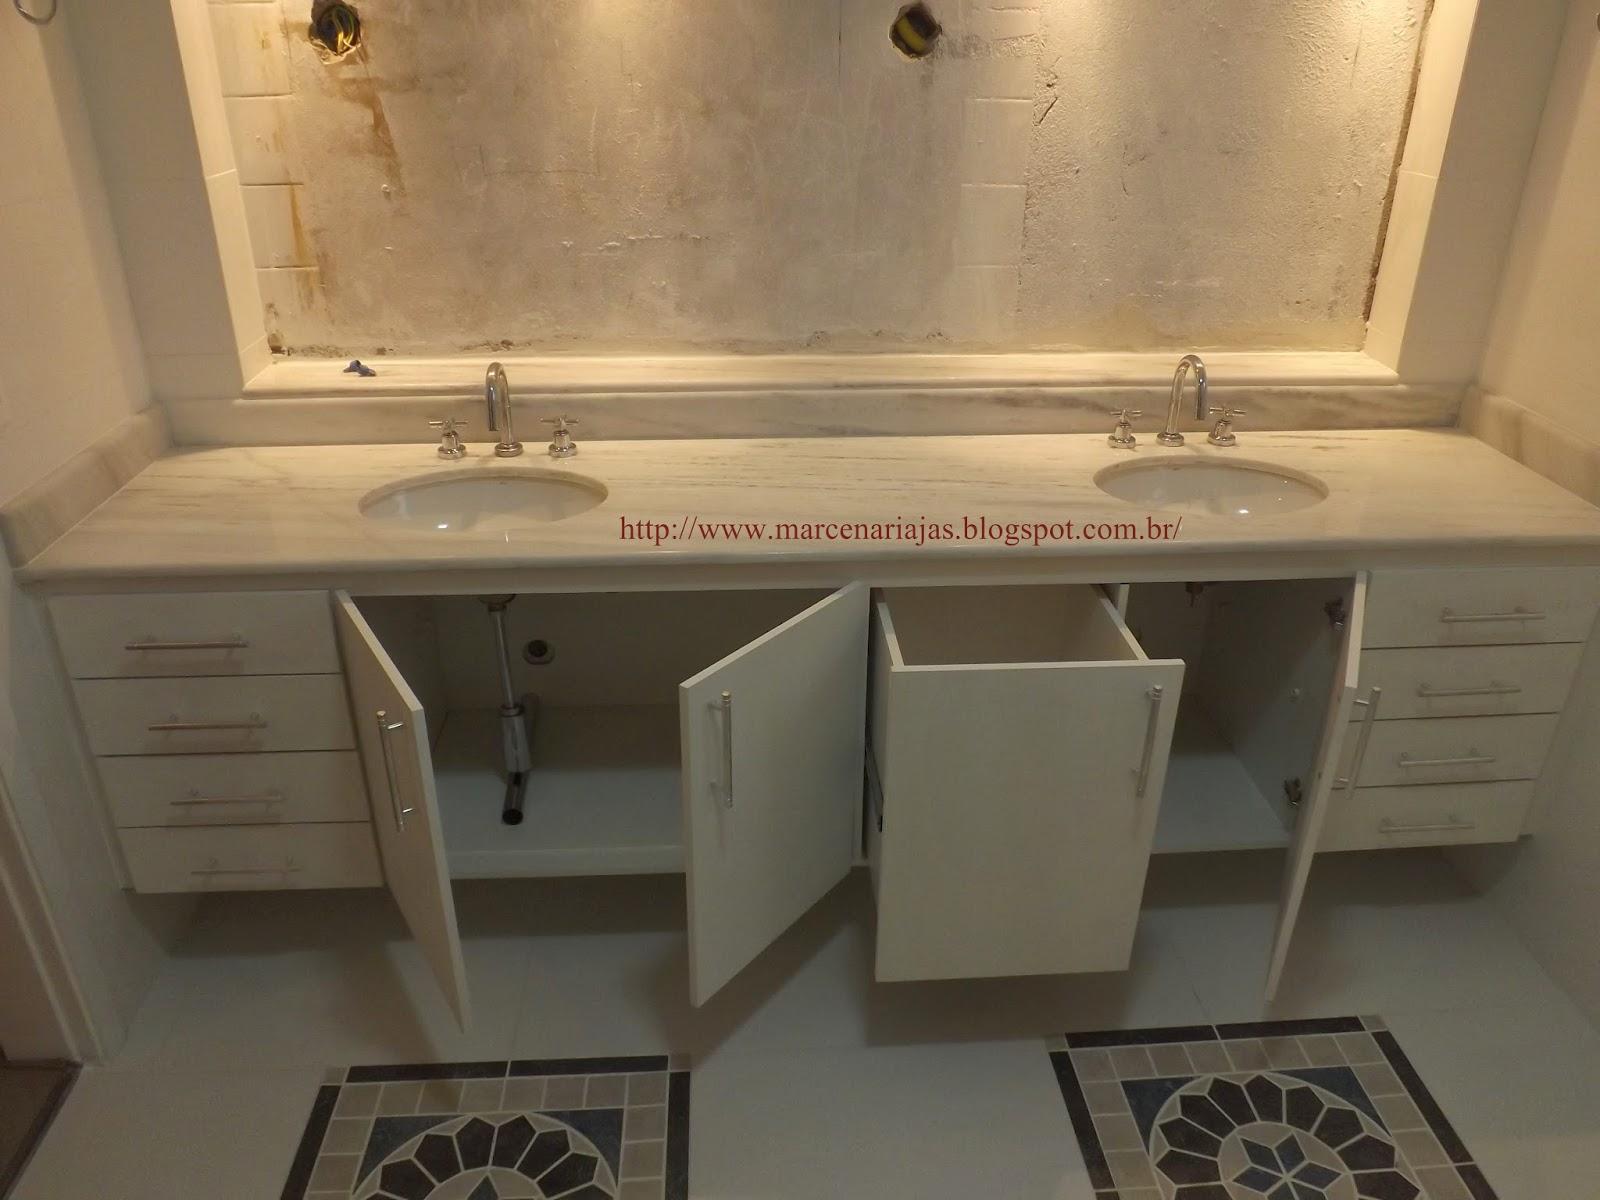 Marcenaria J. A. S.: gabinete de banheiro com cesto de roupa #BF850C 1600 1200